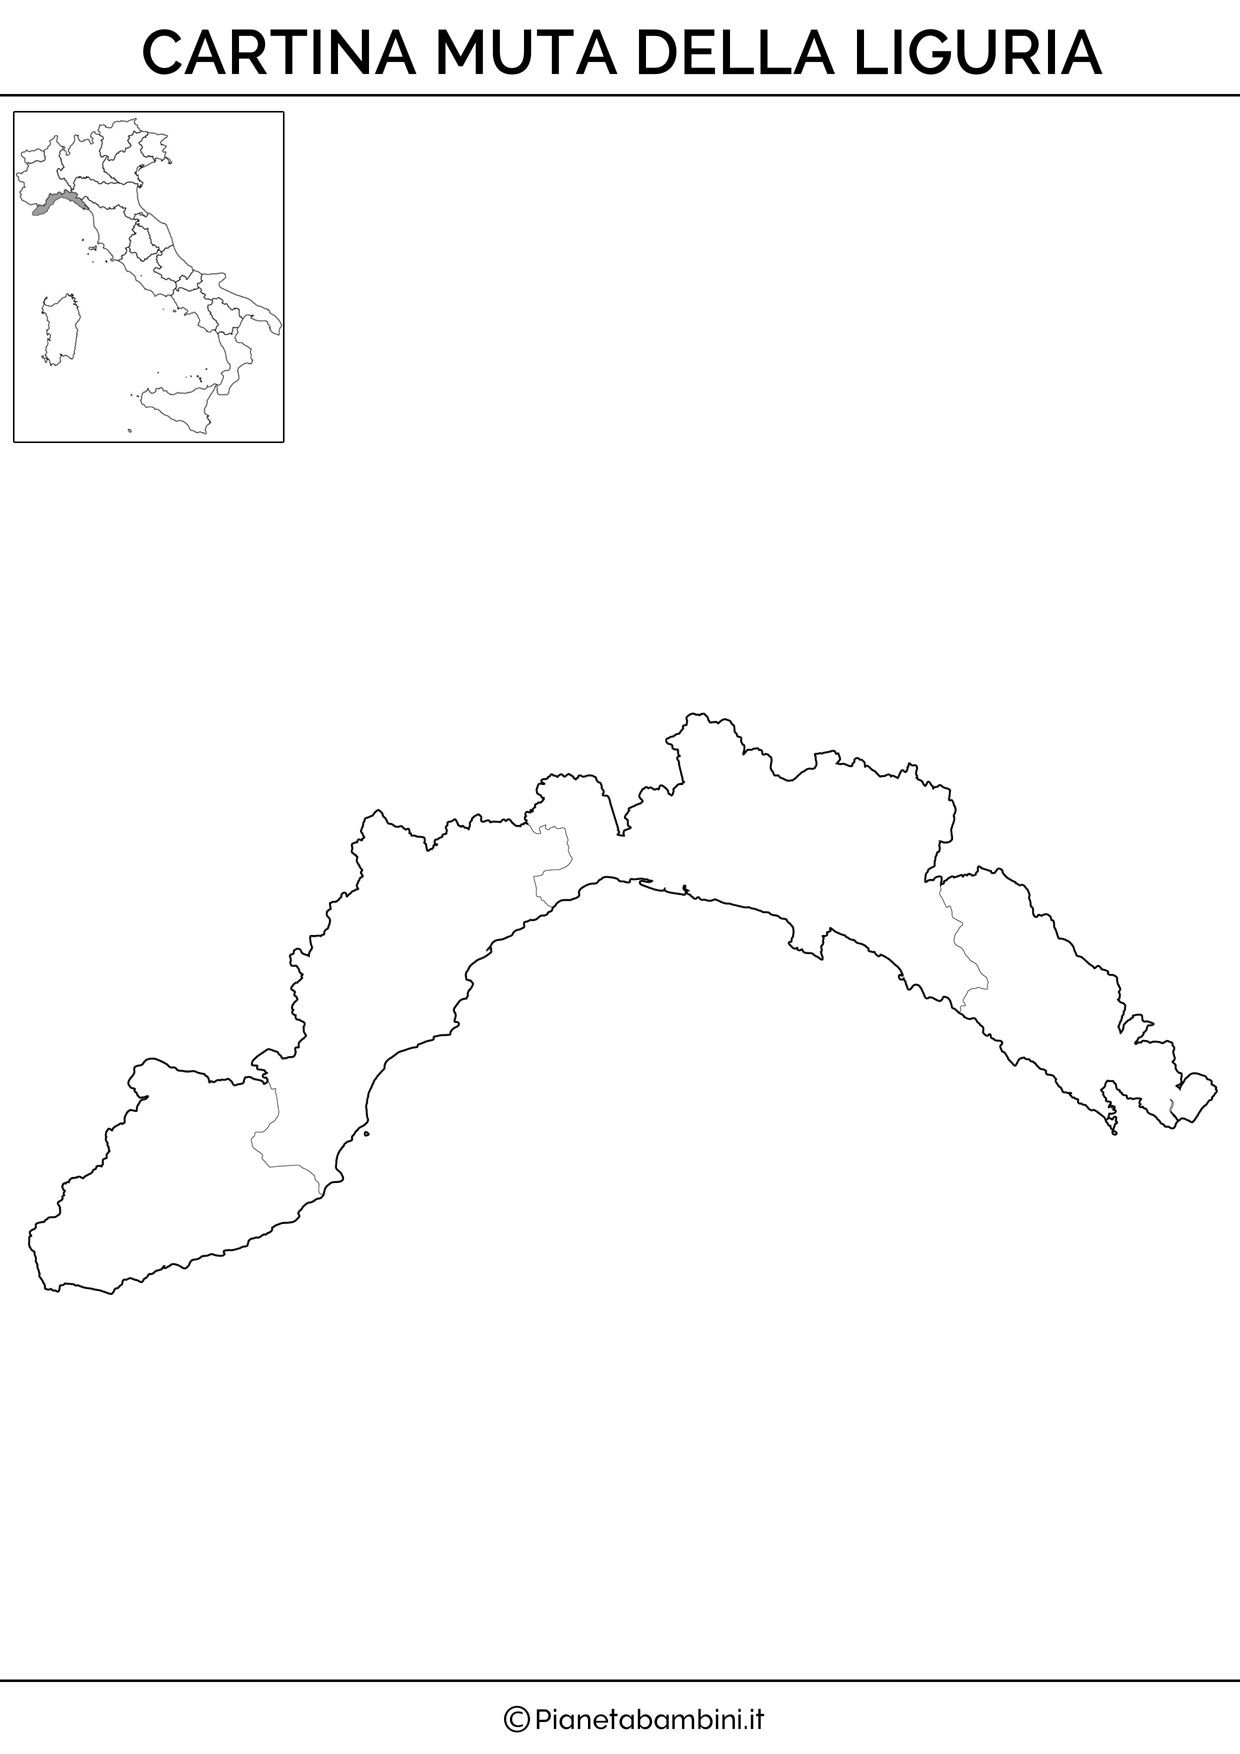 Cartina Muta Delle Marche Da Stampare.Cartina Muta Fisica E Politica Della Liguria Da Stampare